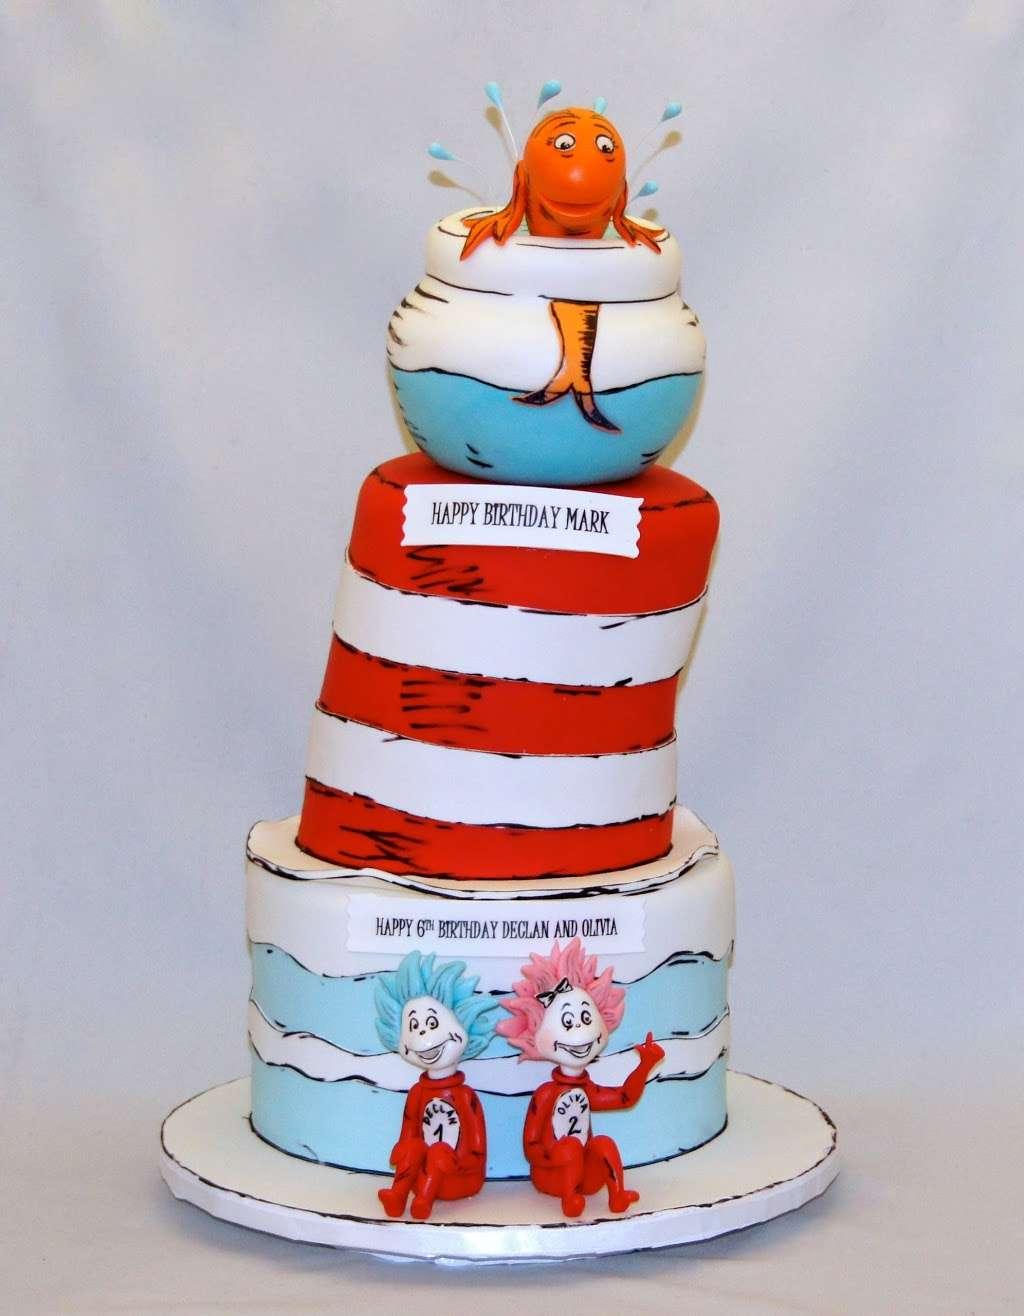 Cake in a Cup NY LLC - bakery  | Photo 4 of 10 | Address: PO Box 224, Bronxville, NY 10708, USA | Phone: (917) 225-5769